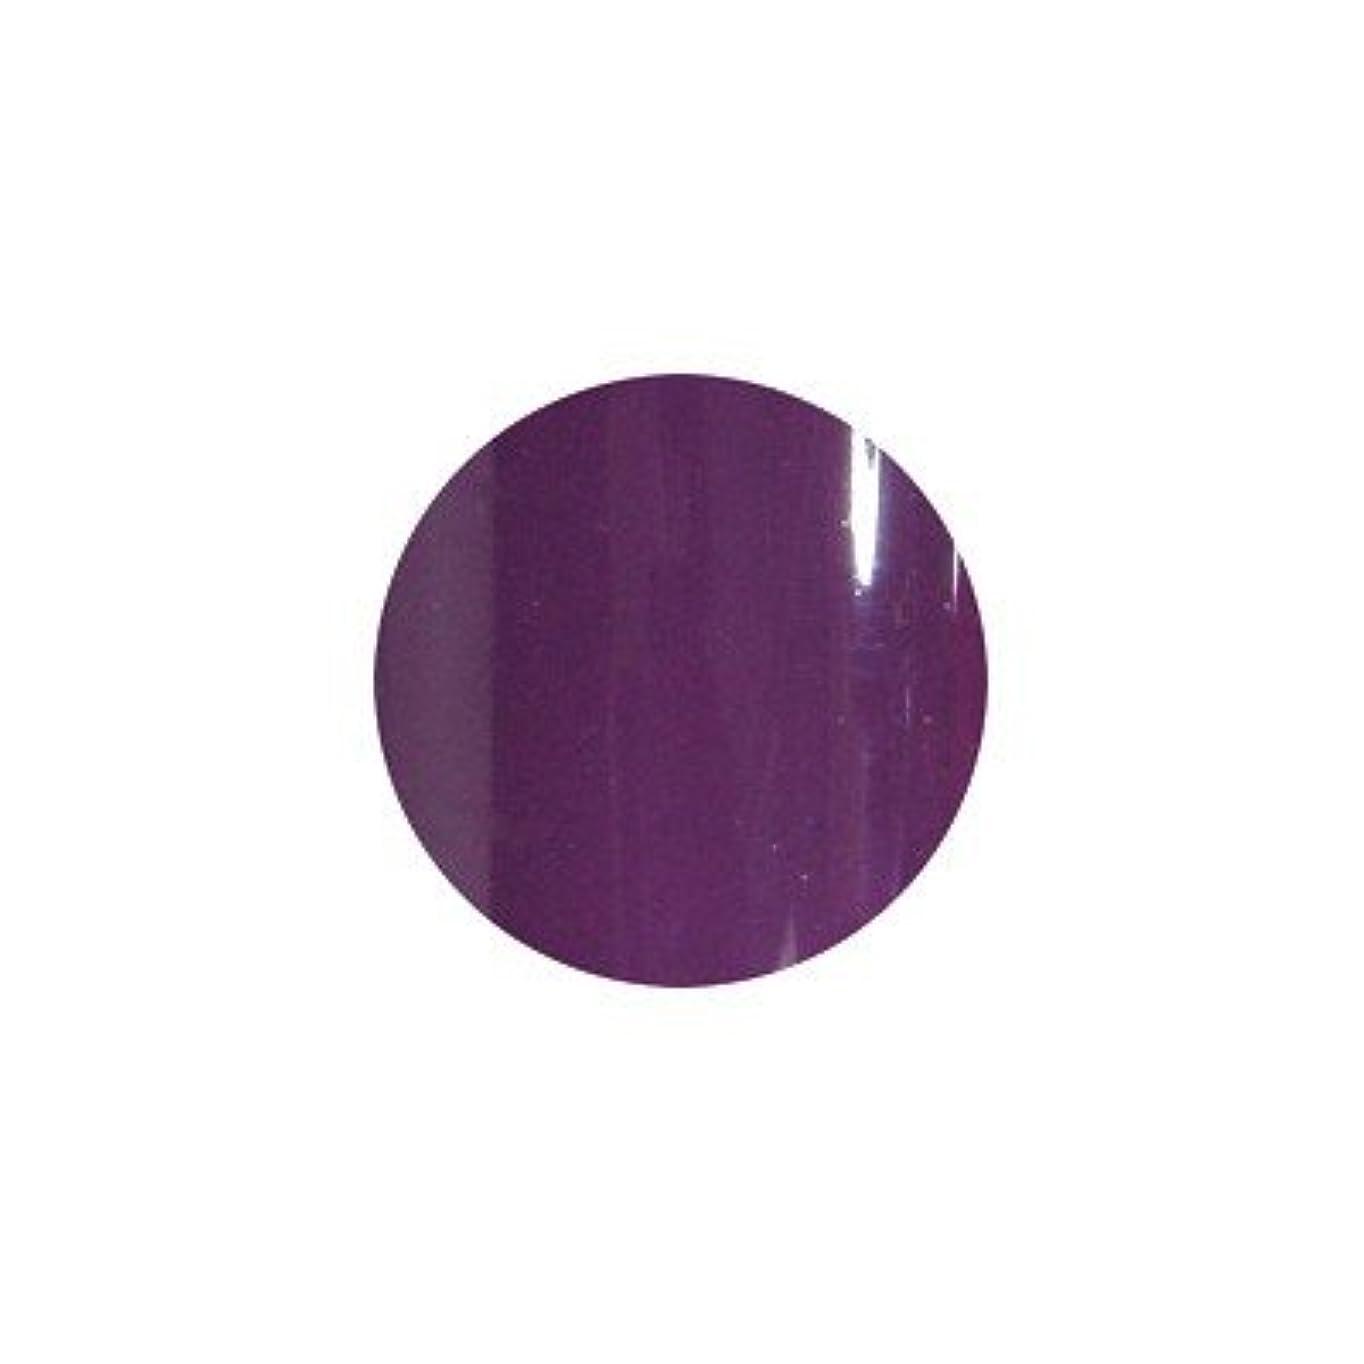 暴力的なスクラップ余剰sacra カラージェル No.026 紫式部